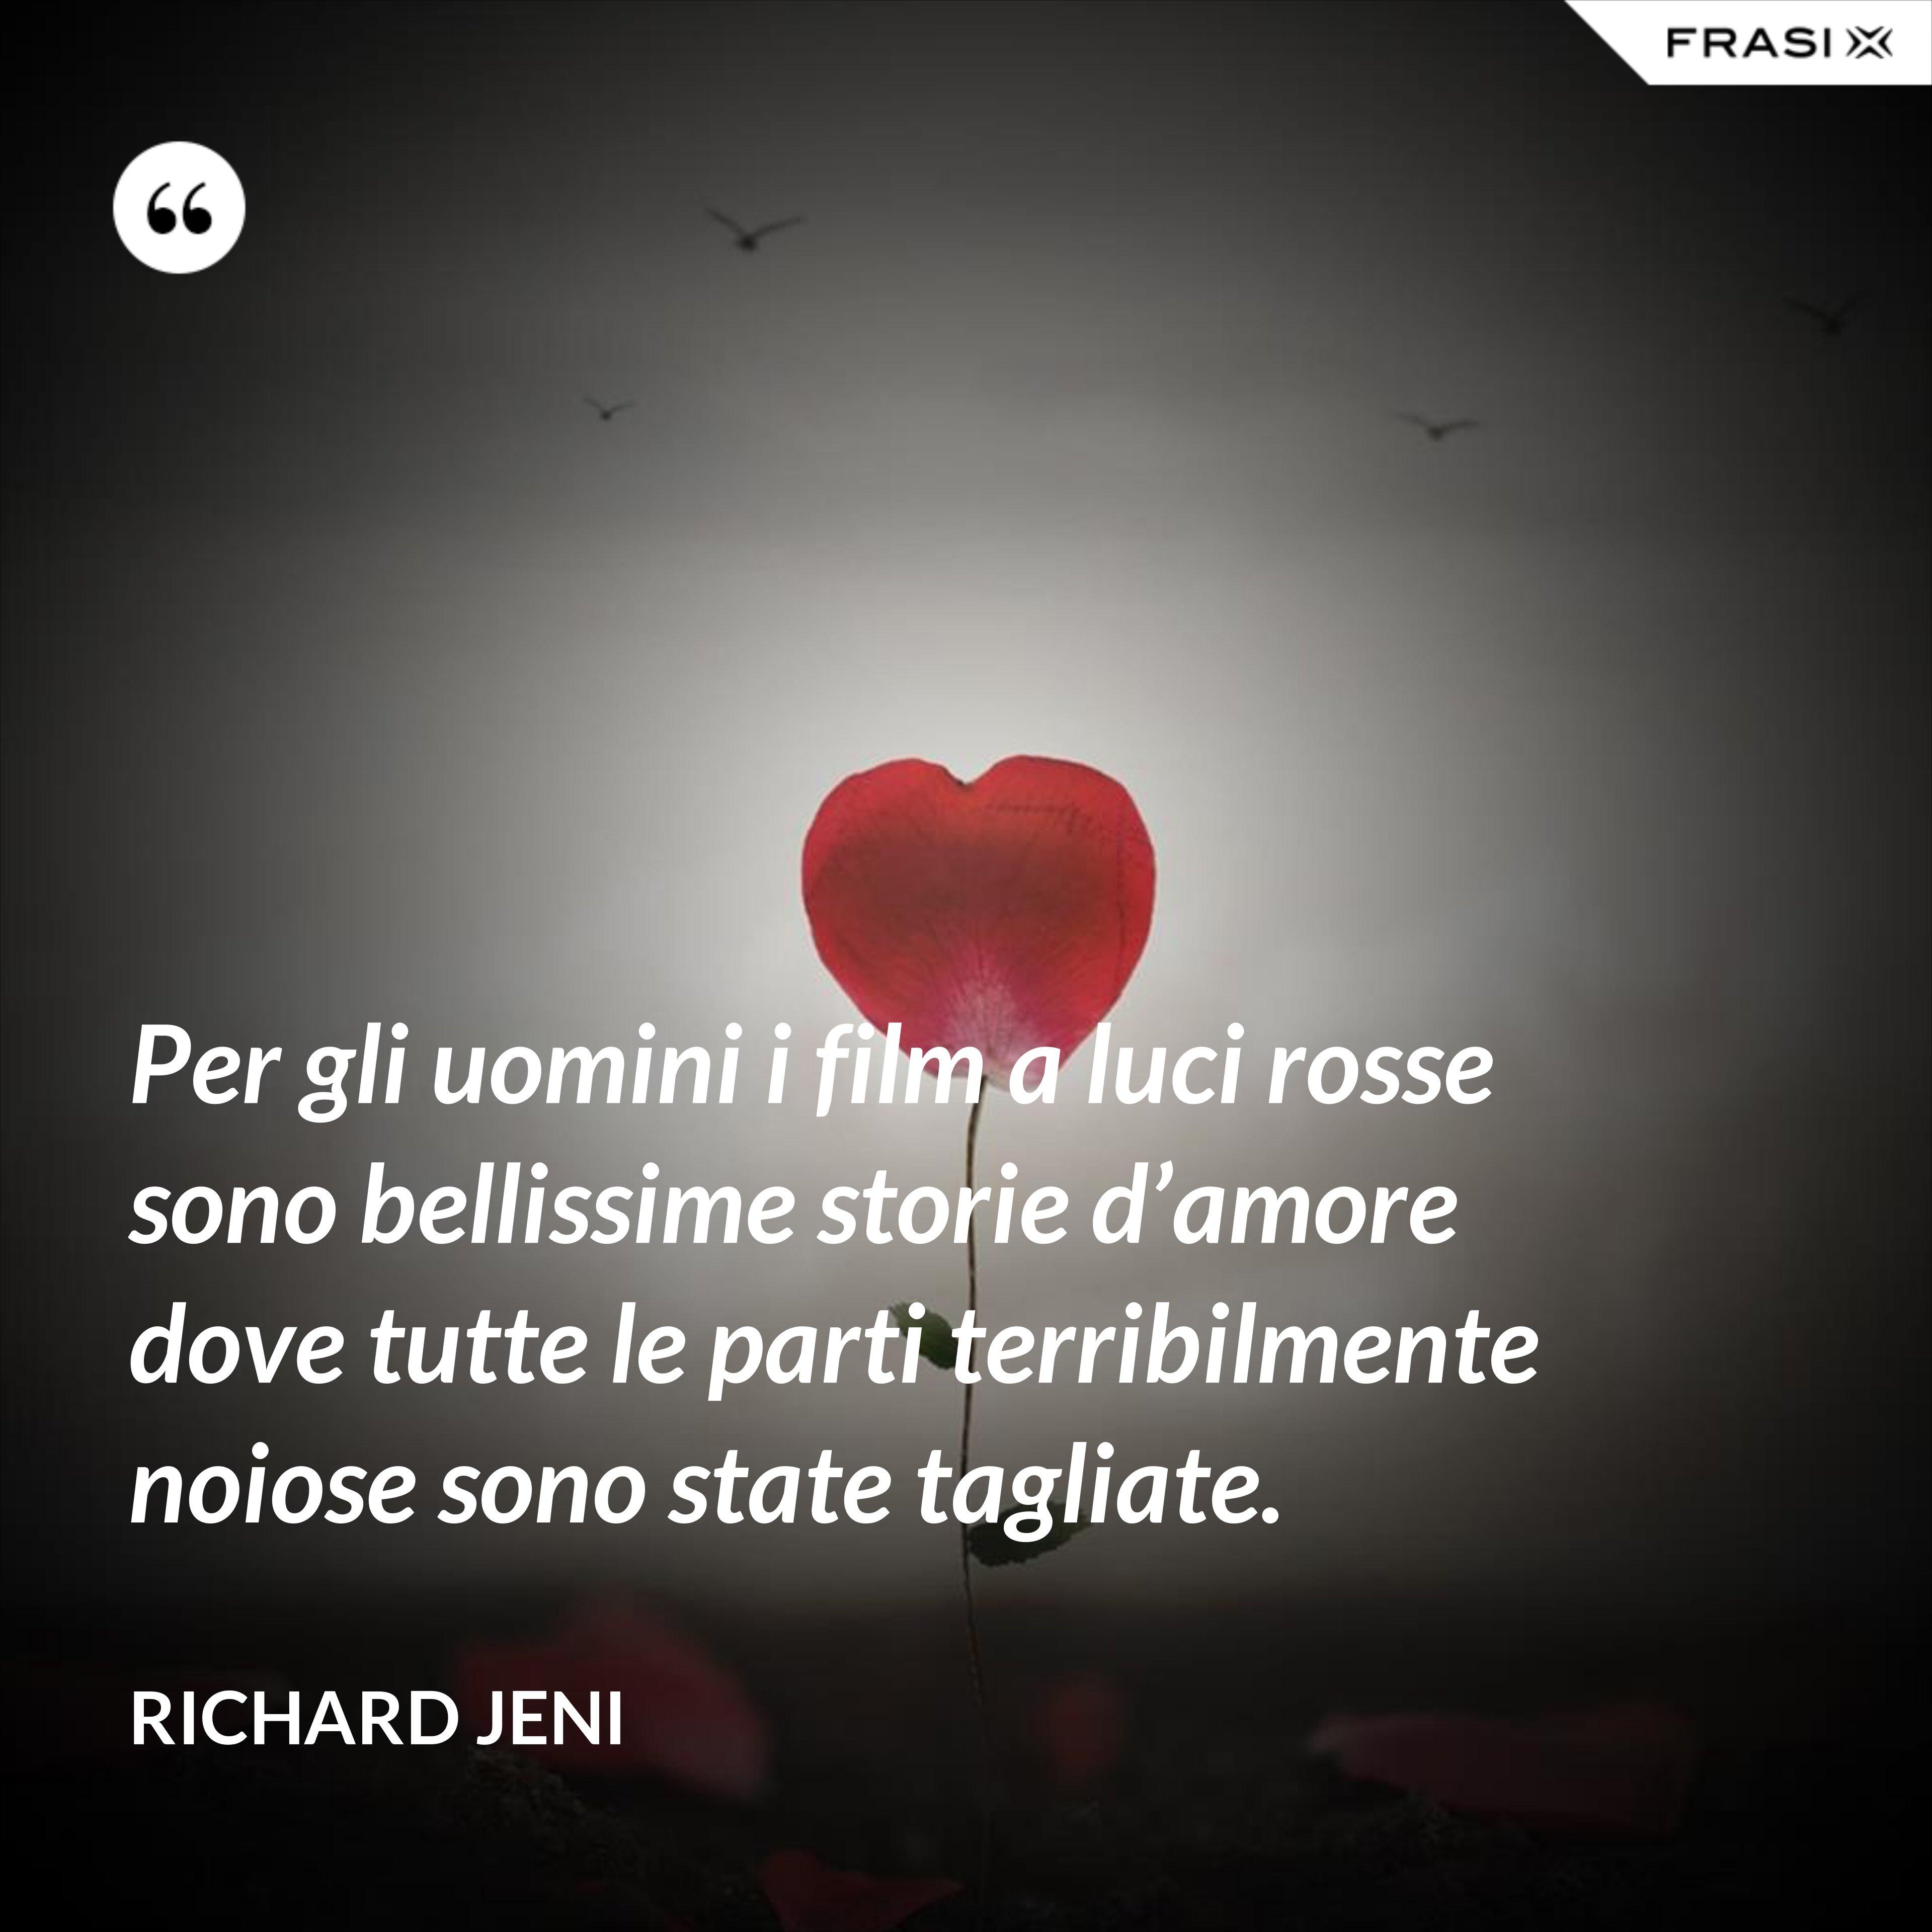 Per gli uomini i film a luci rosse sono bellissime storie d'amore dove tutte le parti terribilmente noiose sono state tagliate. - Richard Jeni